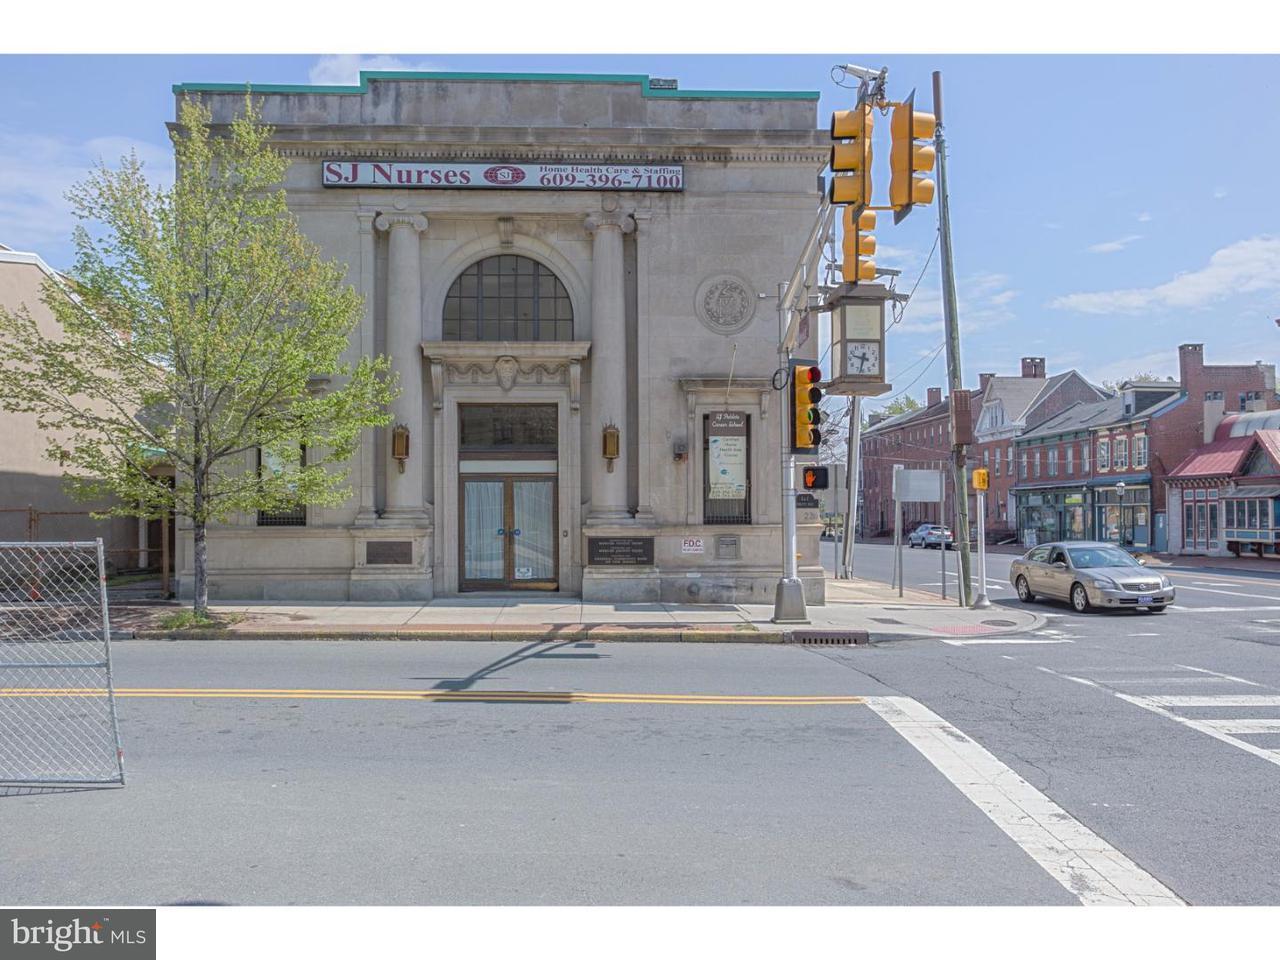 단독 가정 주택 용 매매 에 226 S BROAD Street Trenton, 뉴저지 08360 미국에서/약: Trenton City